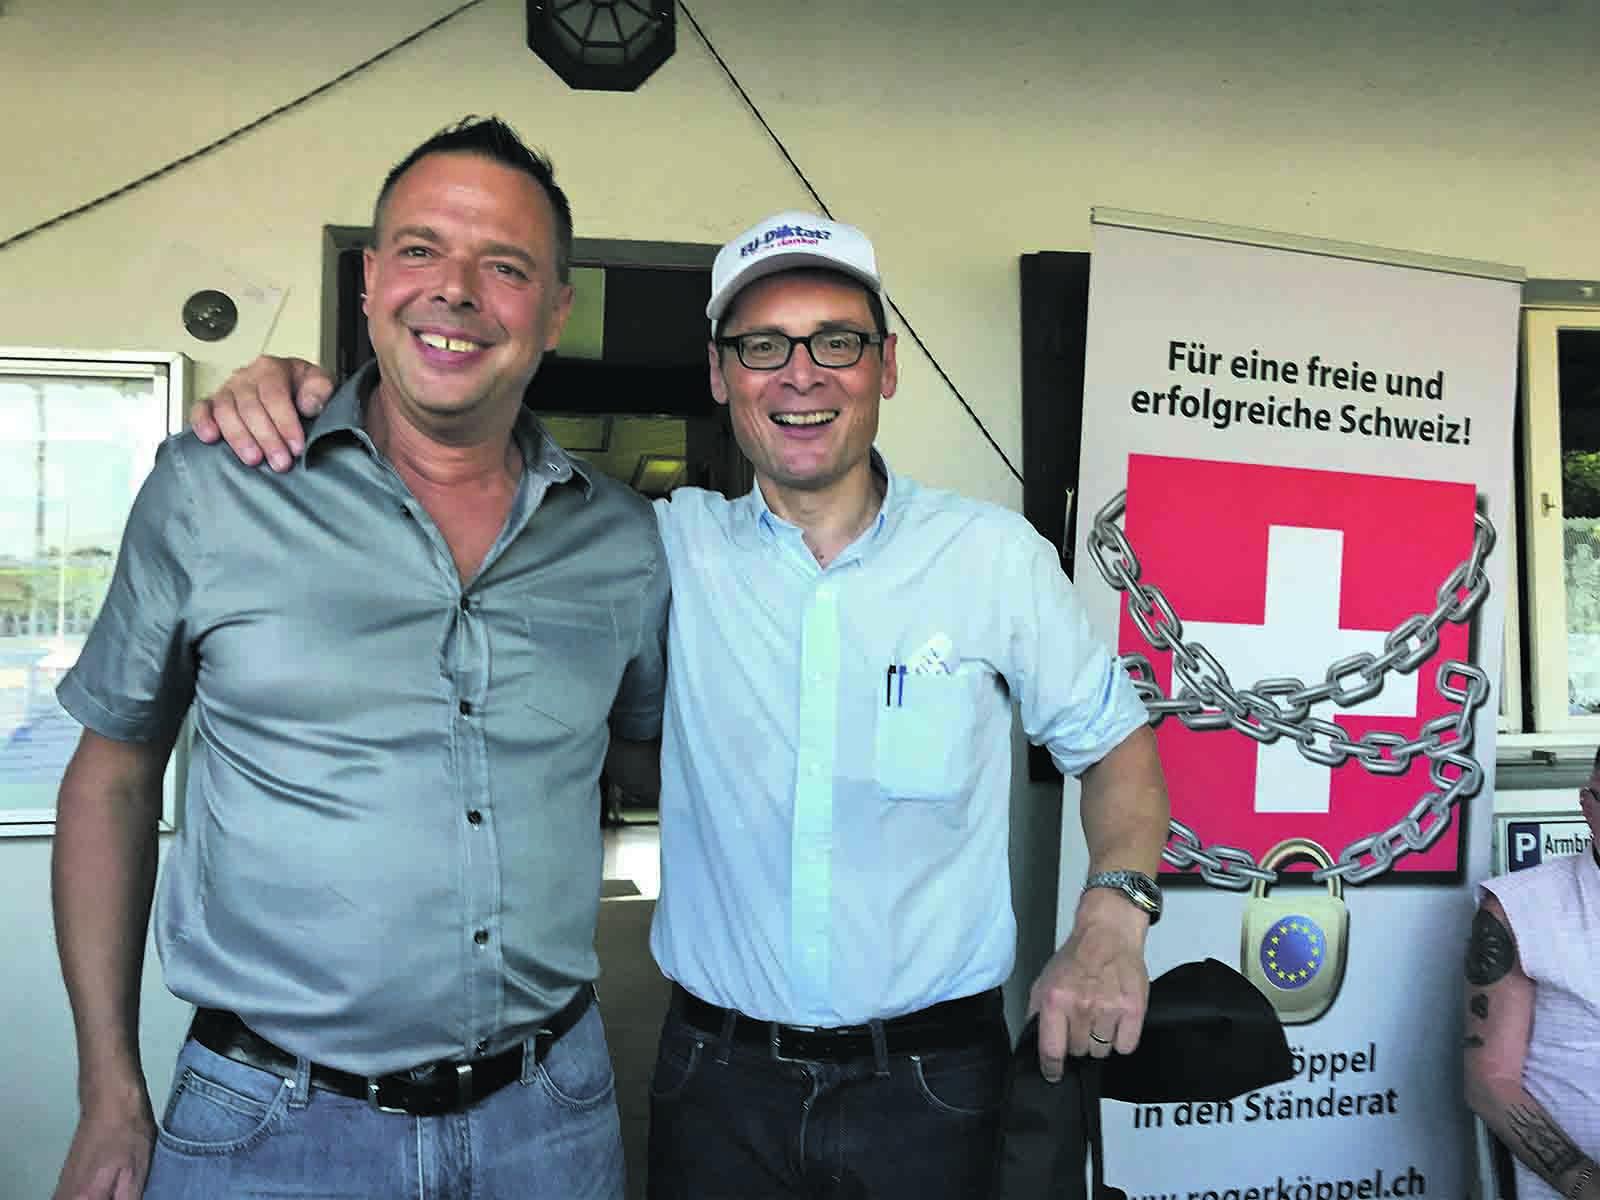 Der scheidende Gemeinderat Christoph Marty (links) mit Roger Köppel am Sommer-Grill 2019 der SVP auf dem Hönggerberg.